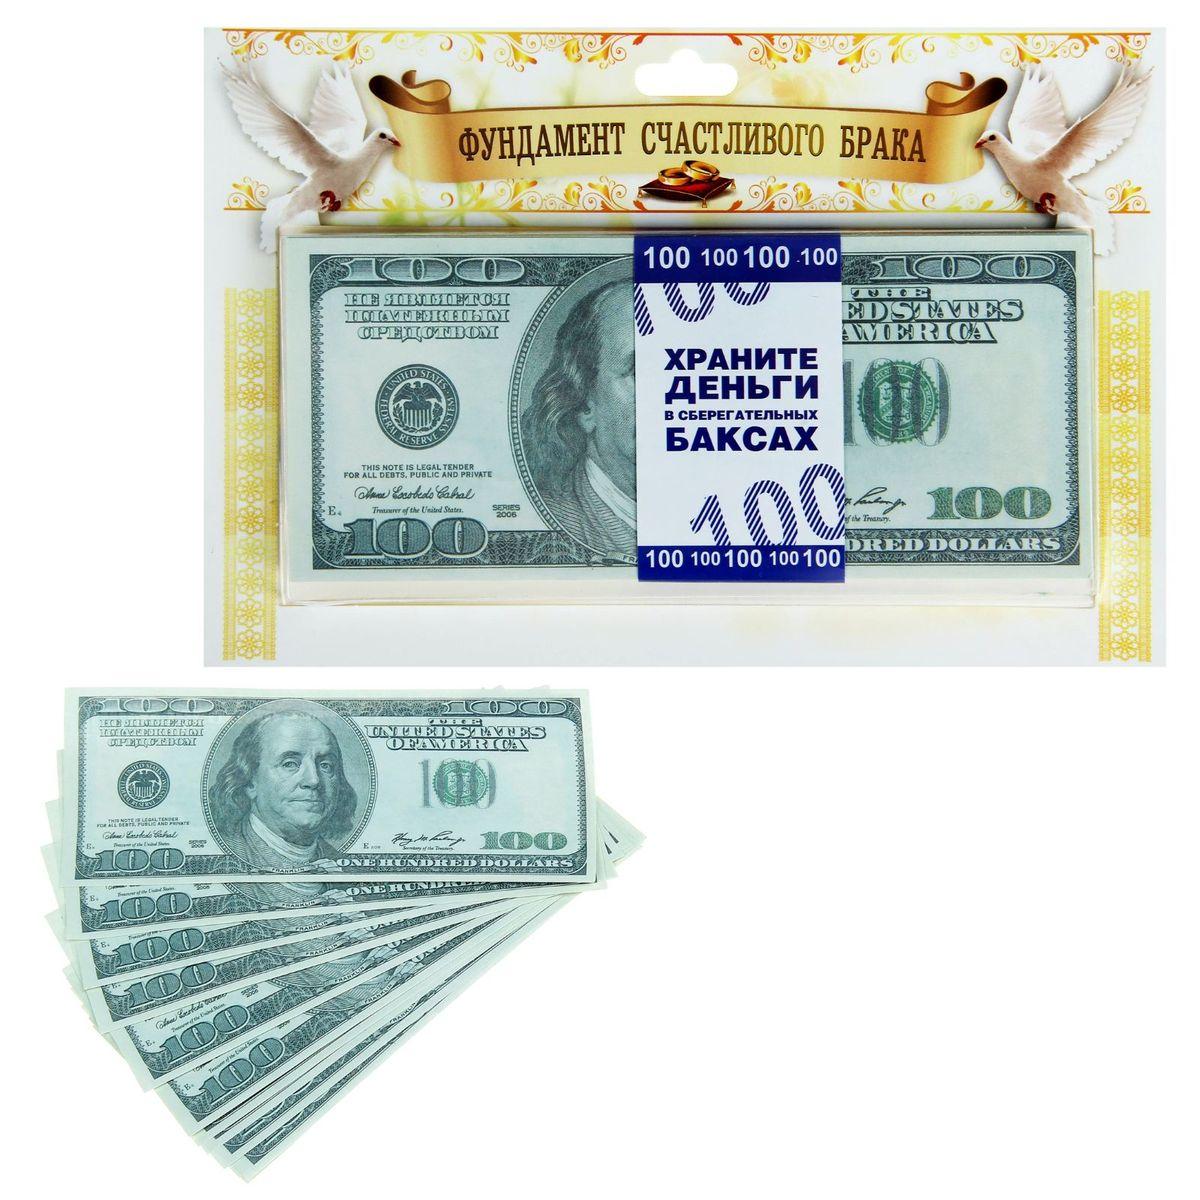 Деньги для выкупа Sima-land Фундамент счастливого брака, 15,7 x 6,7 x 1 см942103Хотите весело и щедро выкупить невесту? Легко!С вас – боевое настроение, а о деньгах мы позаботимся!Сколько нужно жениху, чтоб родители невесты отдали их бесценное сокровище? Возможно, пачку денег или две. А в каждой – плотный пресс купюр! Теперь точно хватит!Набор состоит из 100 банкнот, упакованных в пластиковый блистер и яркую картонную подложку, купюры скреплены бумажной оберткой с оригинальной надписью.Теперь дело за малым, осталось лишь послушно выполнять задания подружек невесты и удивлять их своей щедростью!